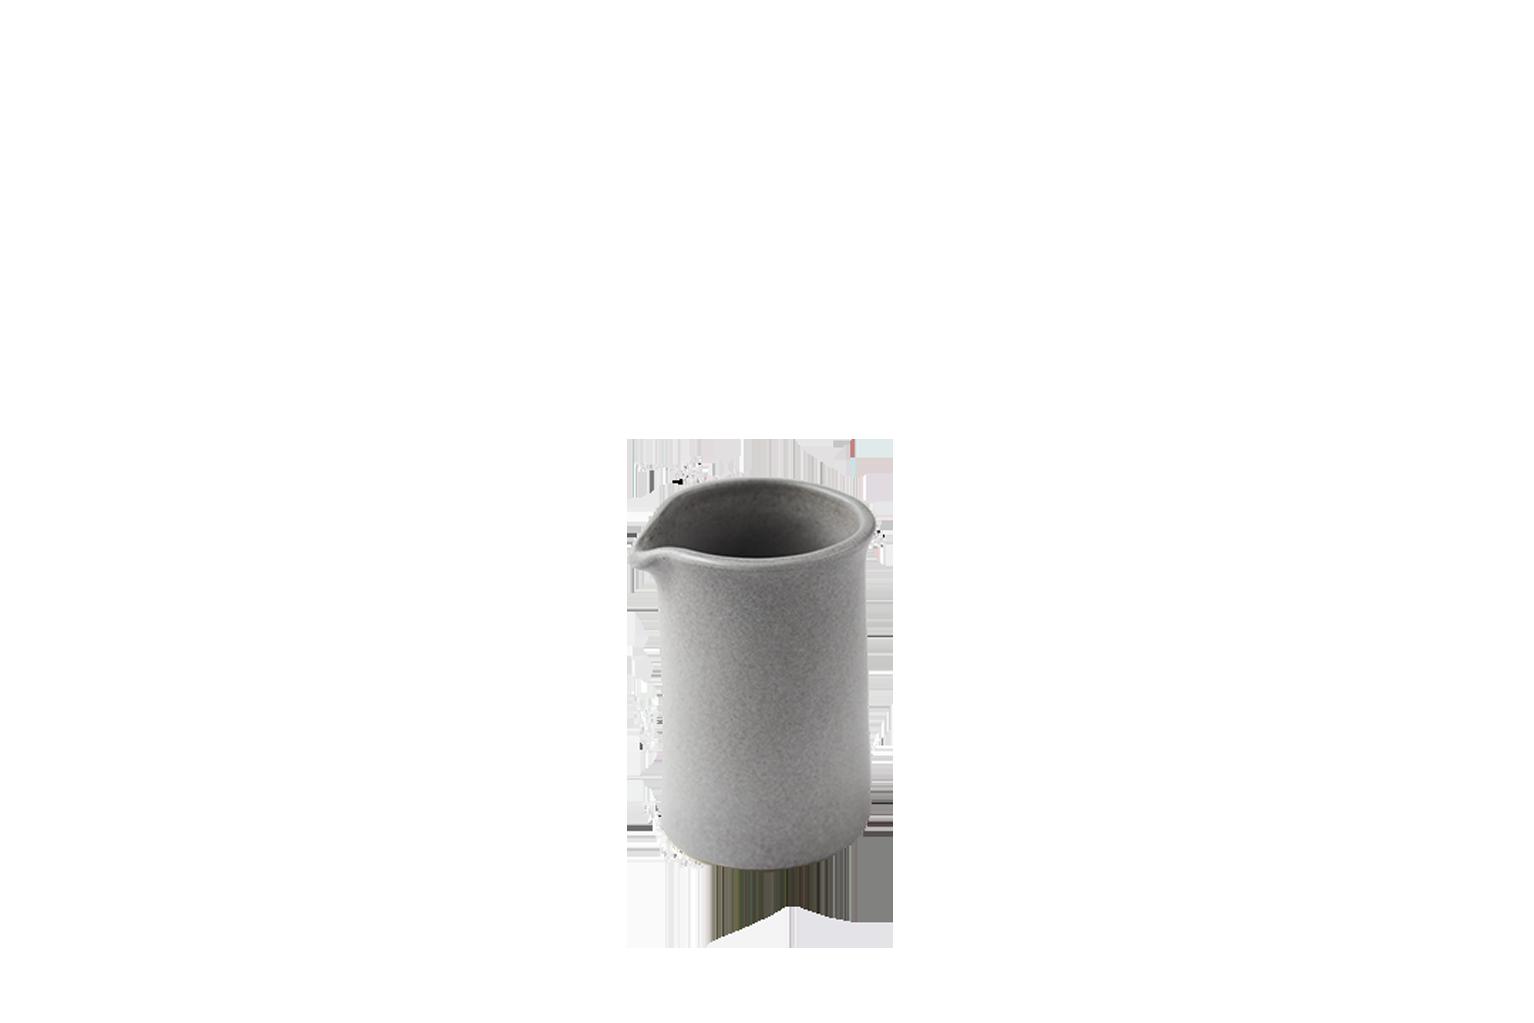 Minimalist Ceramic Jug - Small - S$40